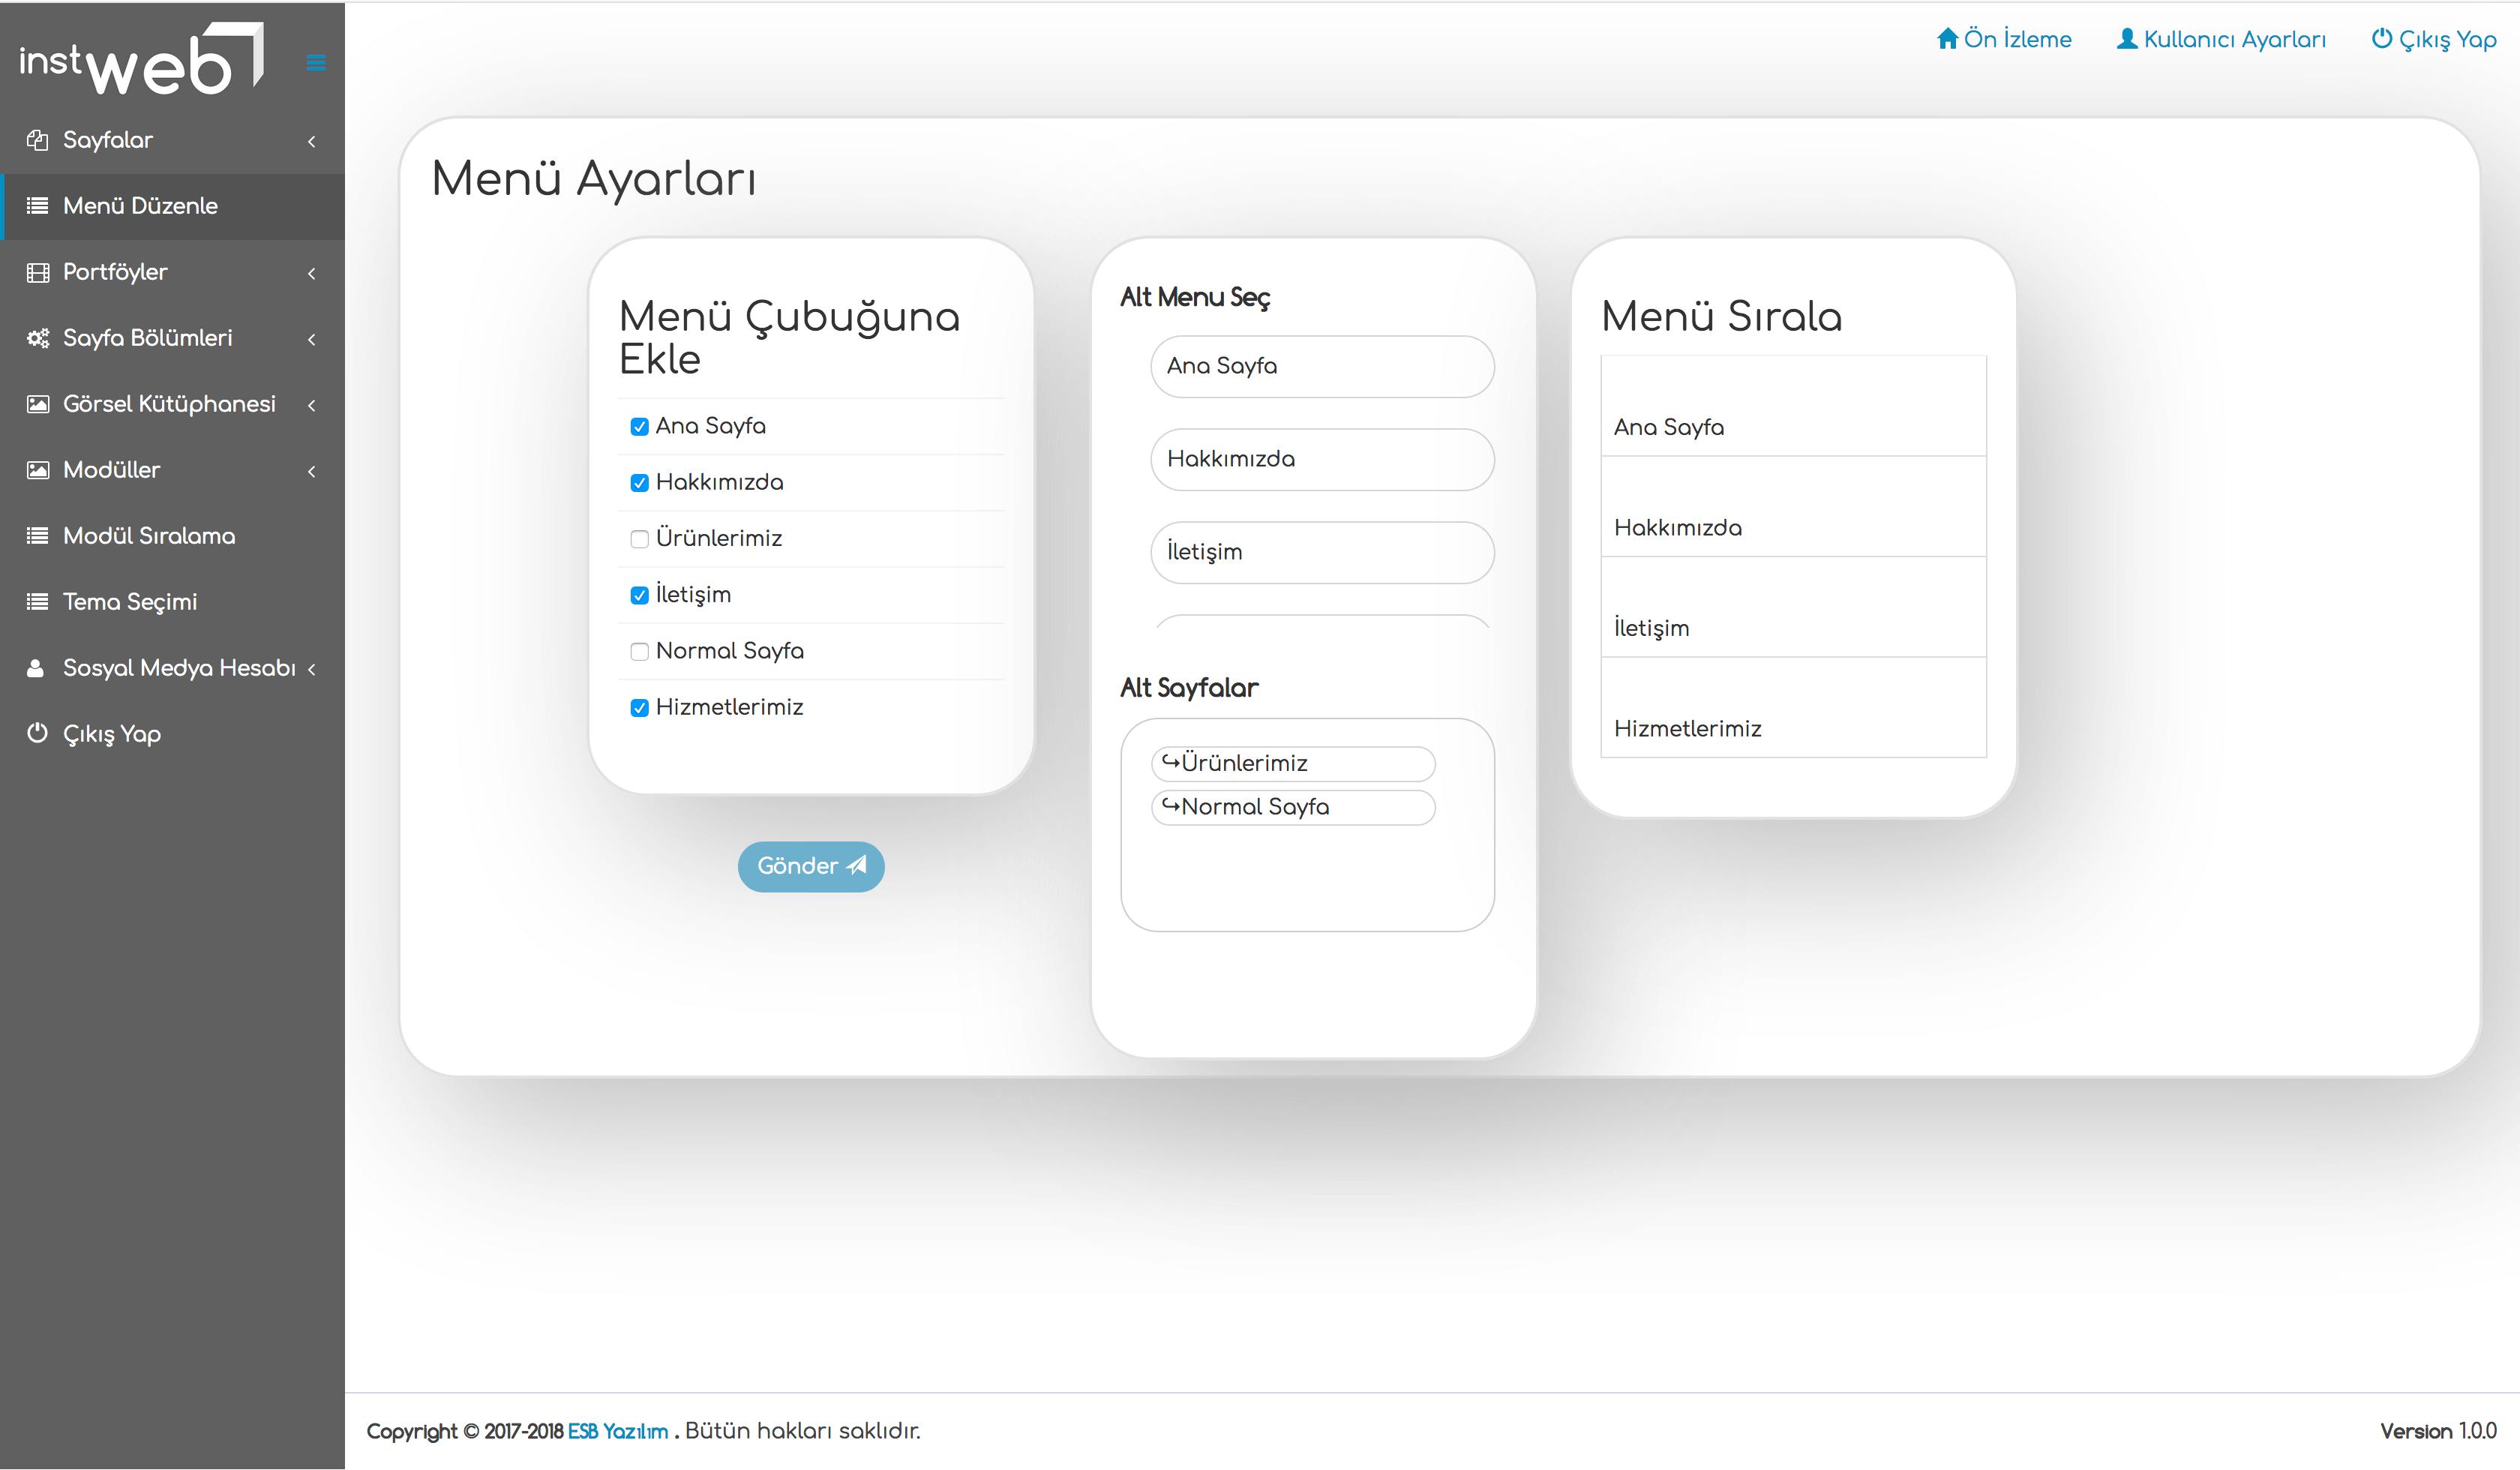 izmir web tasarım menu düzenleme